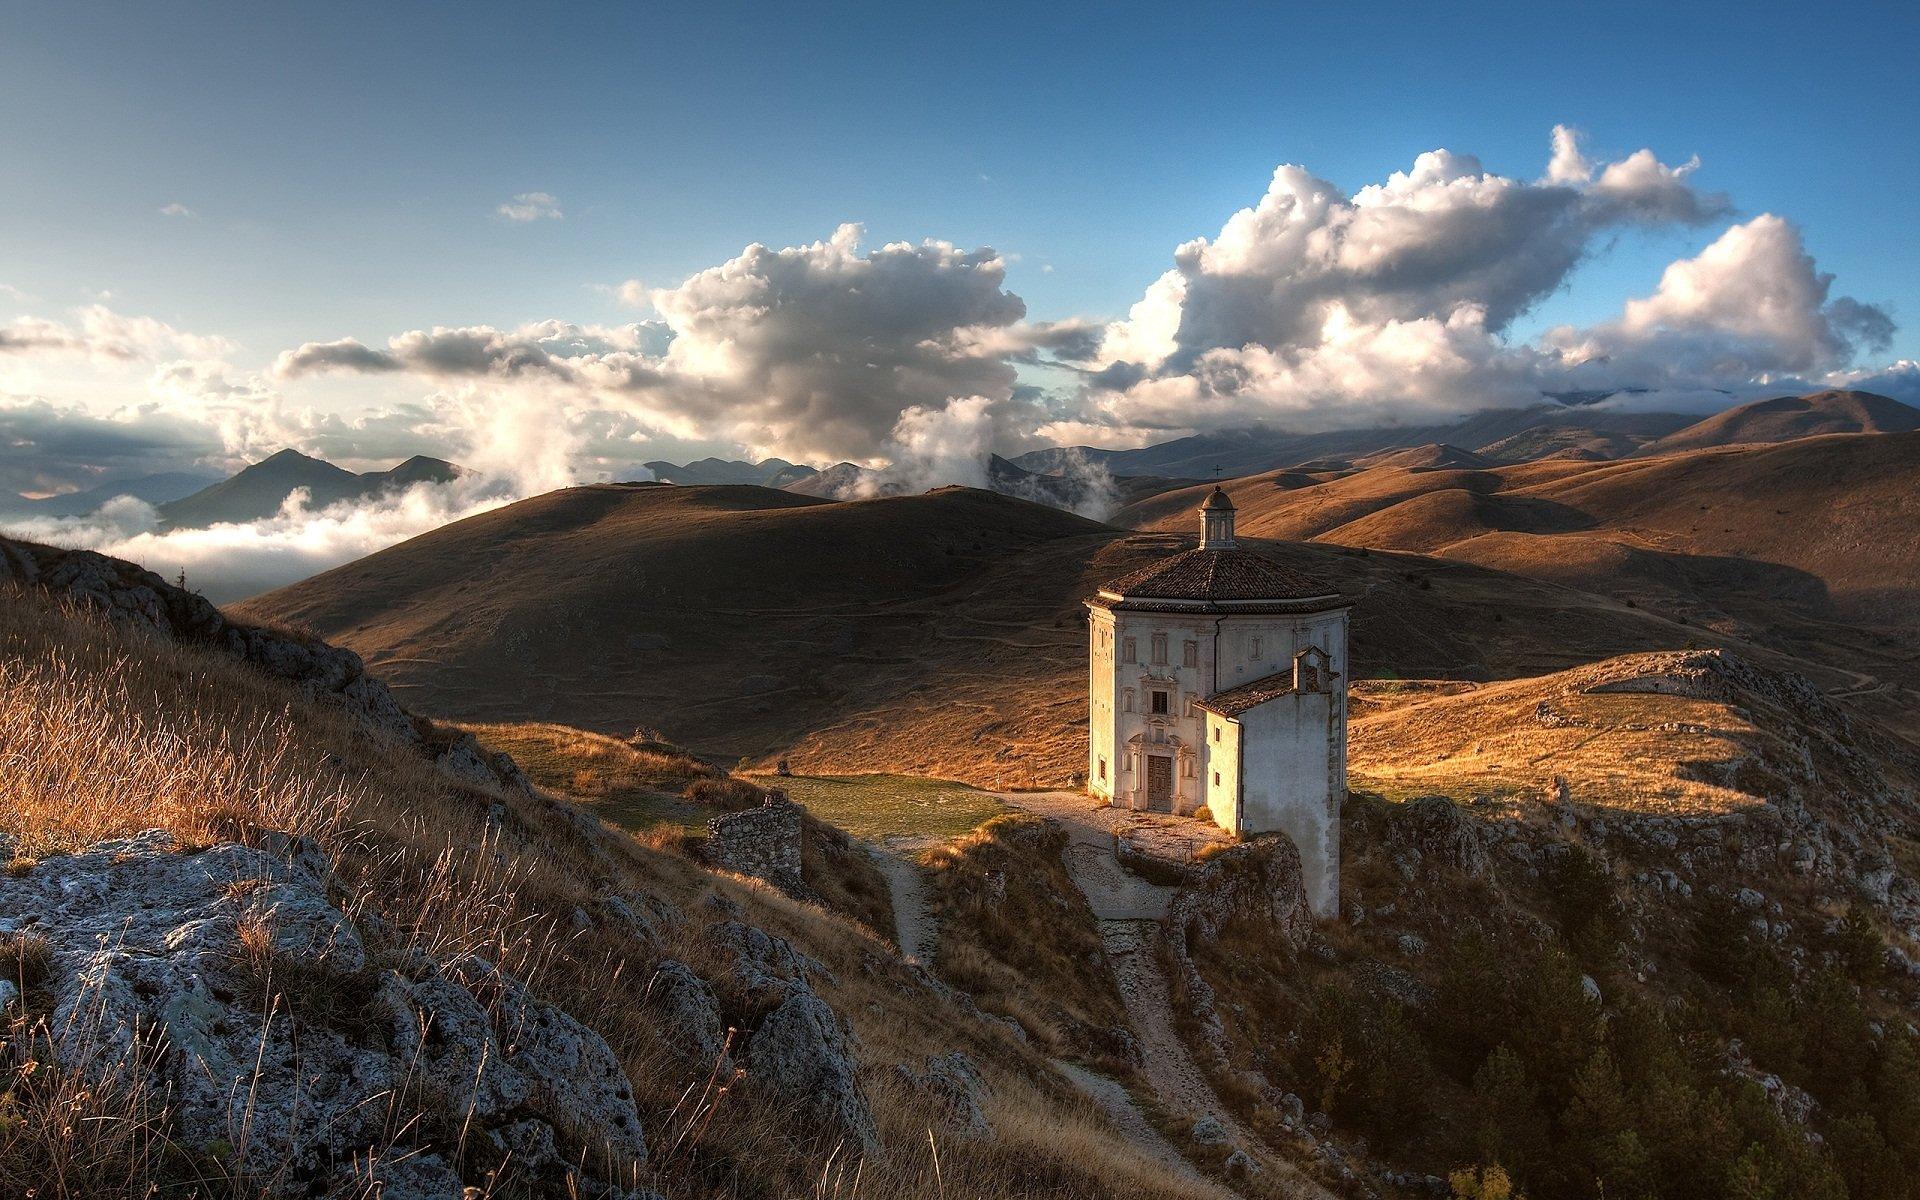 church-near-rocca-calascio-fortress-in-abruzzo-italy.jpg